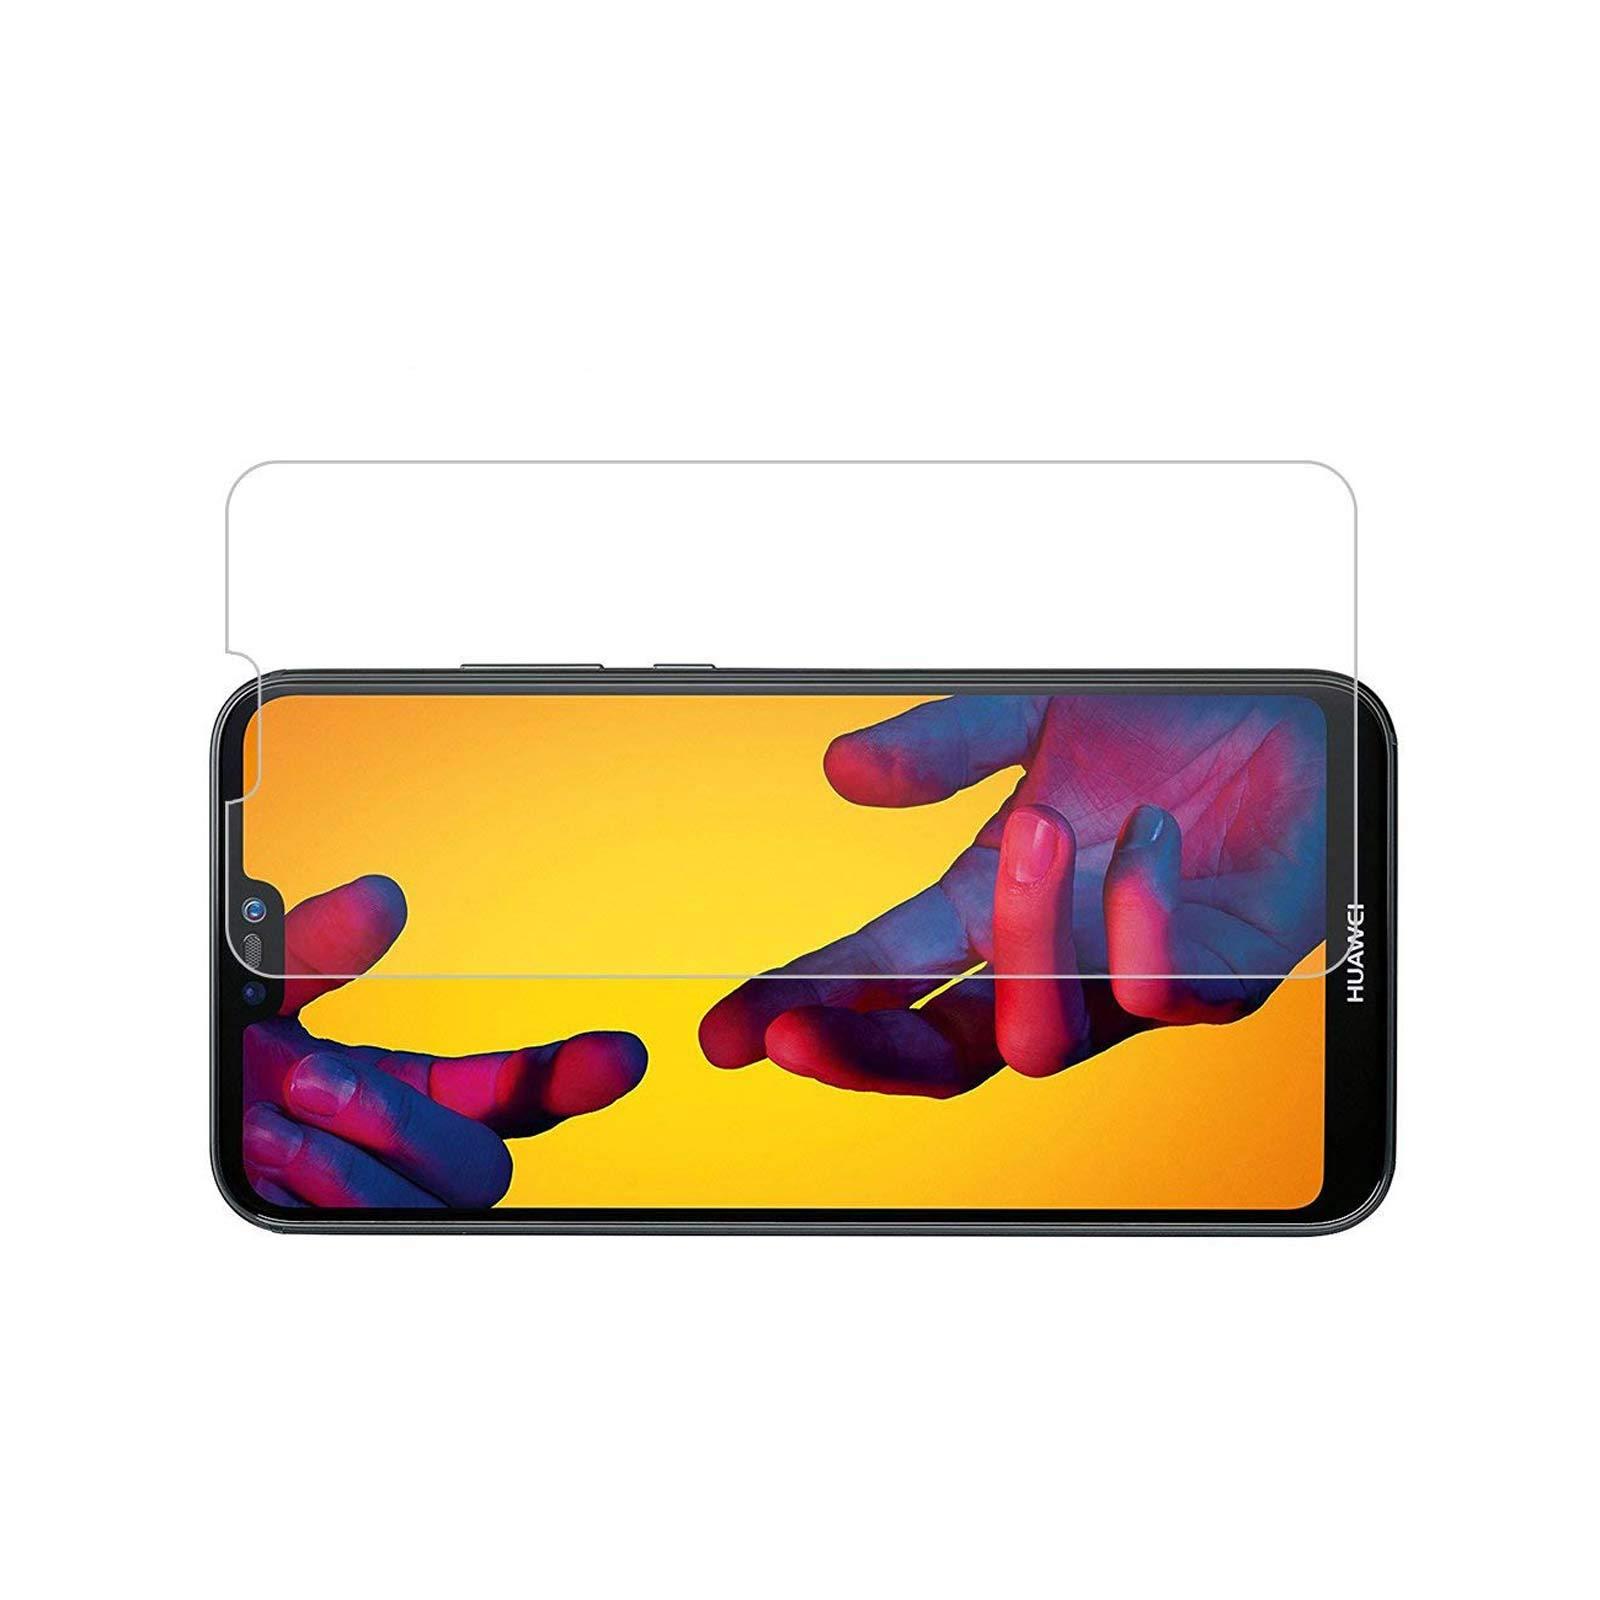 LINCIVIUS  Ecran Verre Trempé Huawei P20 Lite, Vitre Protection Ecran Rigide intégral Bord à Bord, [Compatible avec Une Coque] - Transparent